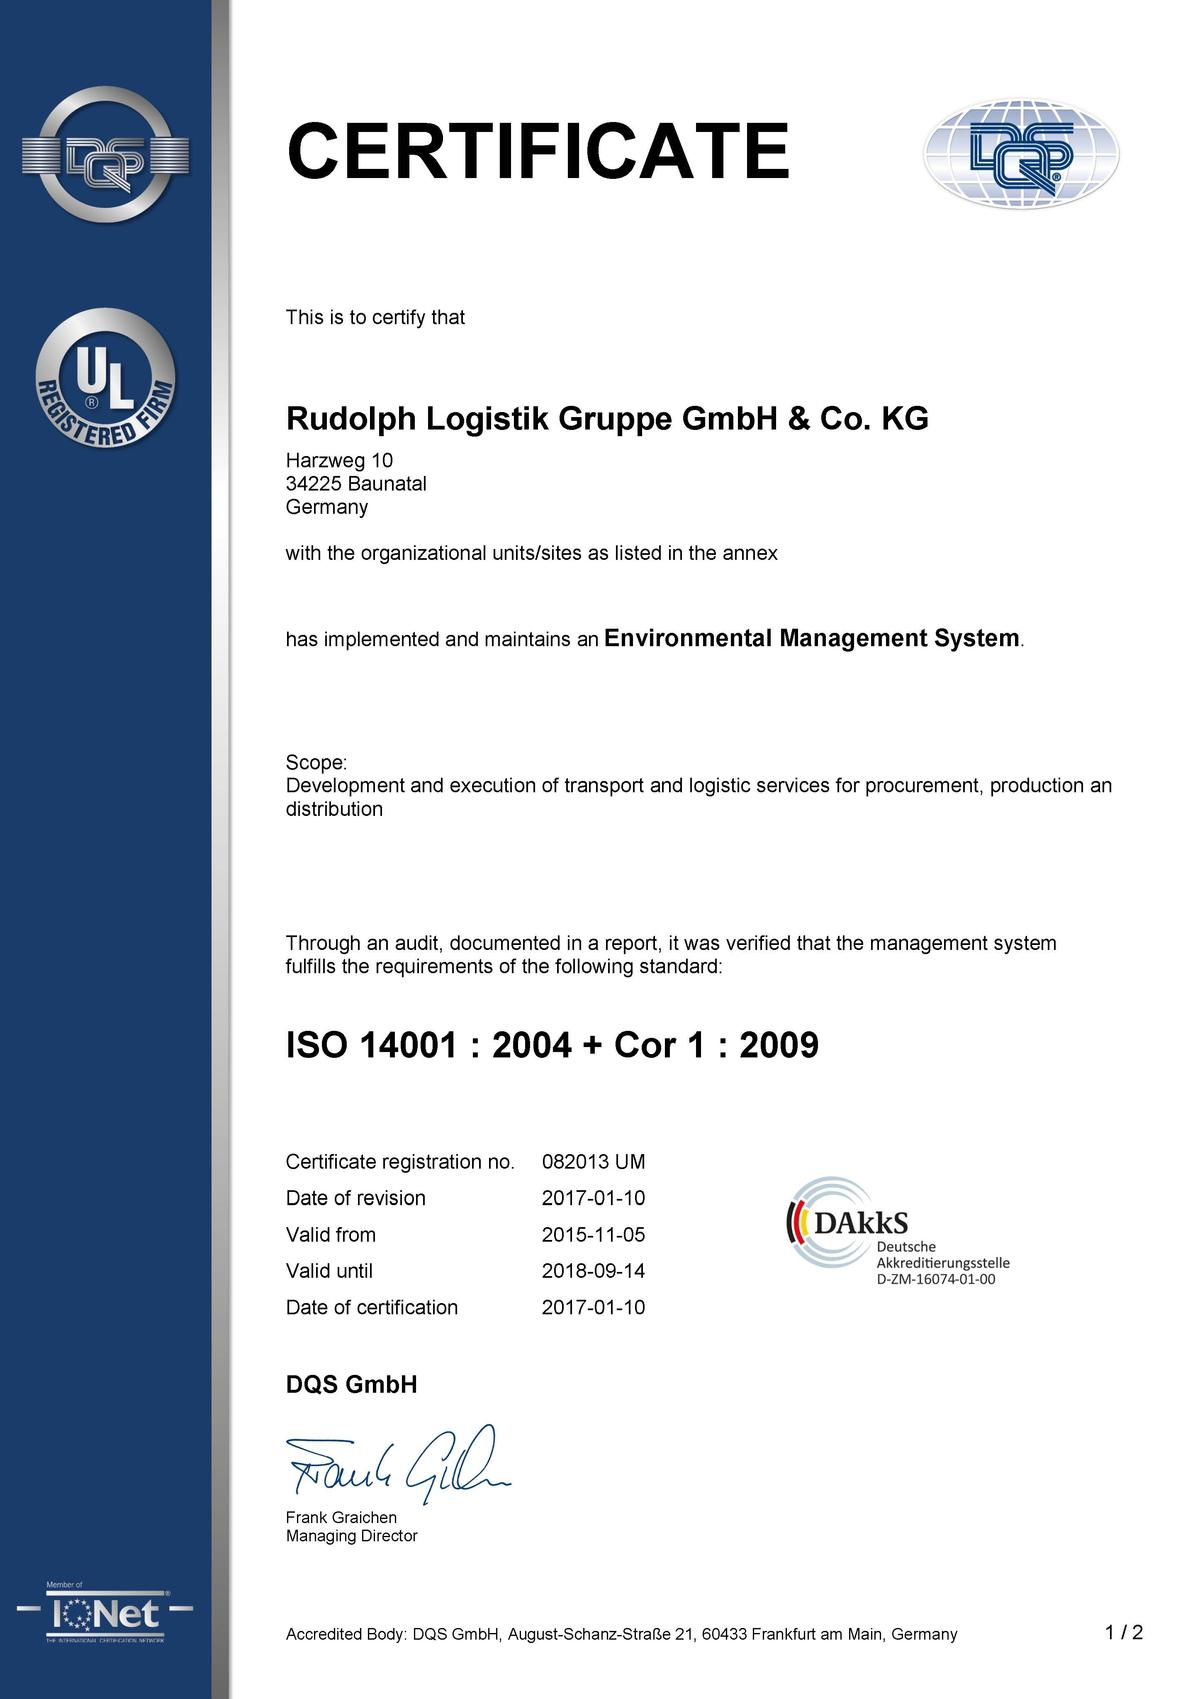 Alle qualitts zertifikate im berblick und zum download rudolph matrix certification din iso 14001 2004 xflitez Choice Image